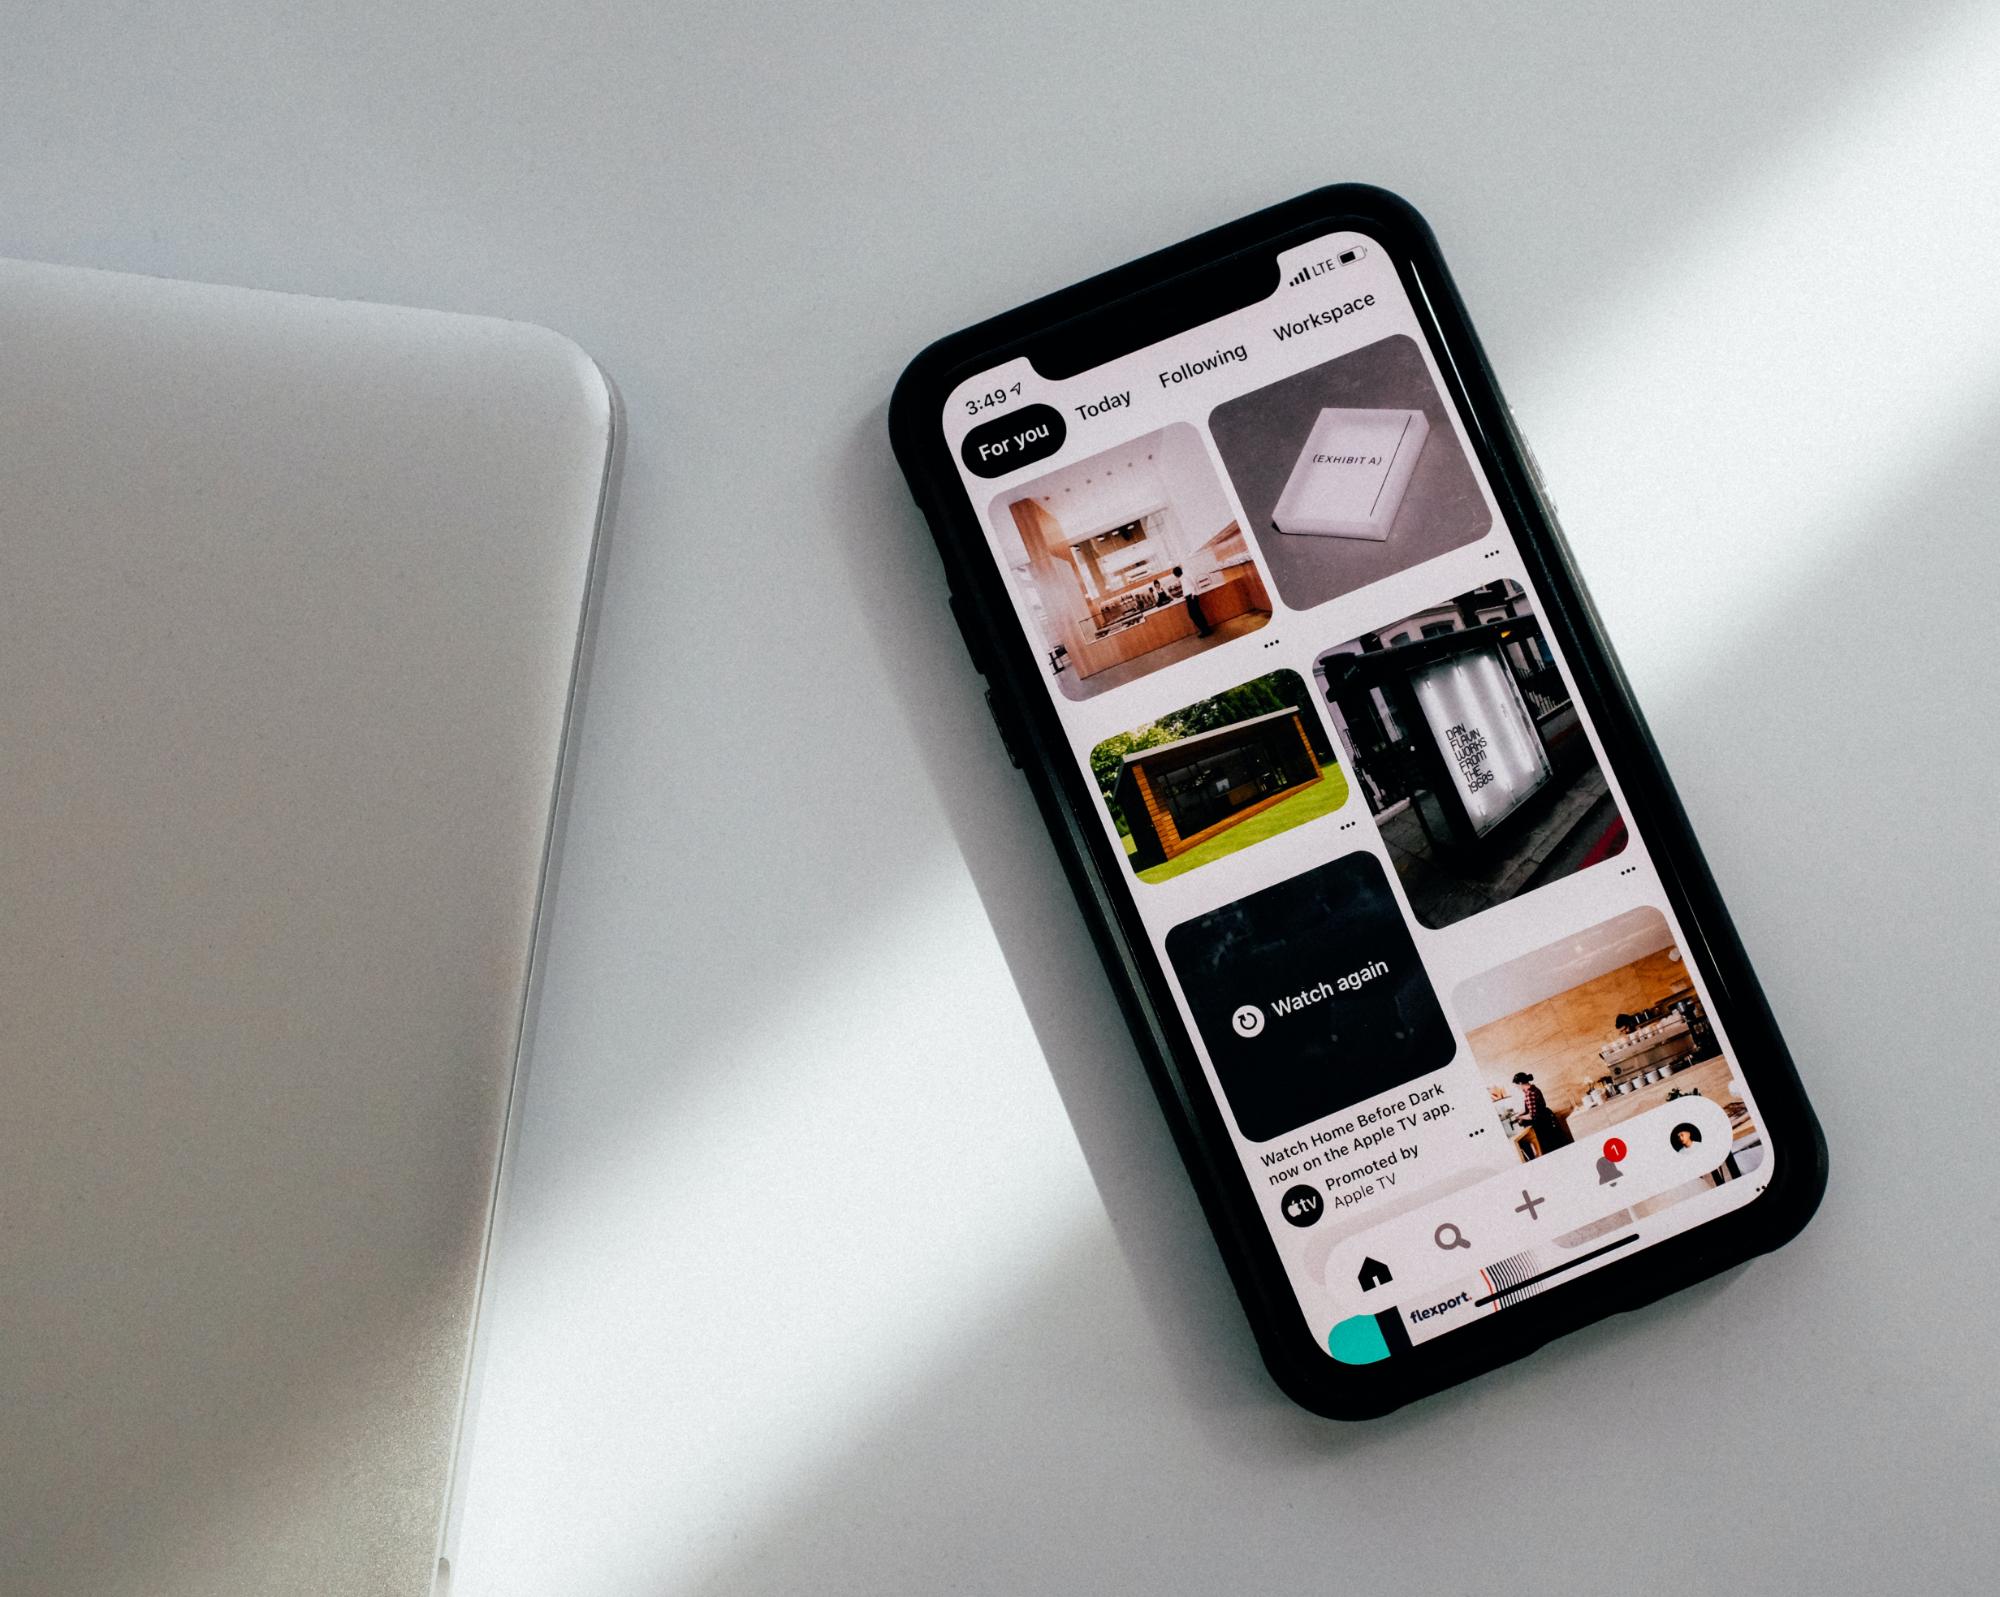 Pinterest recomendaciones influencers - Hivency